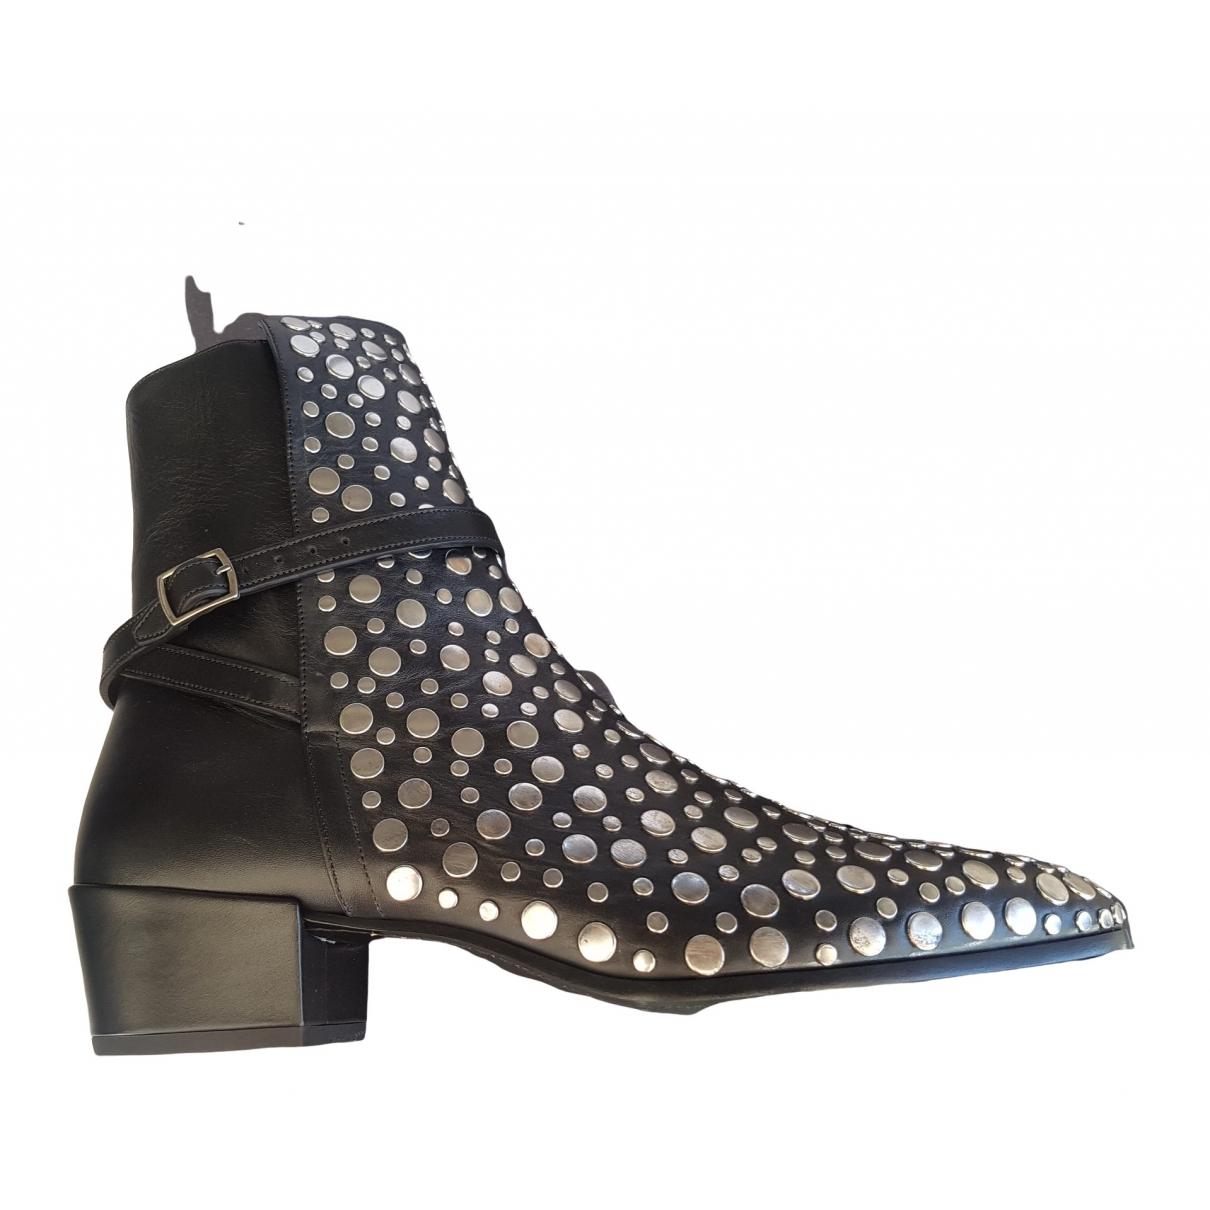 Saint Laurent Wyatt Black Leather Boots for Men 42.5 EU